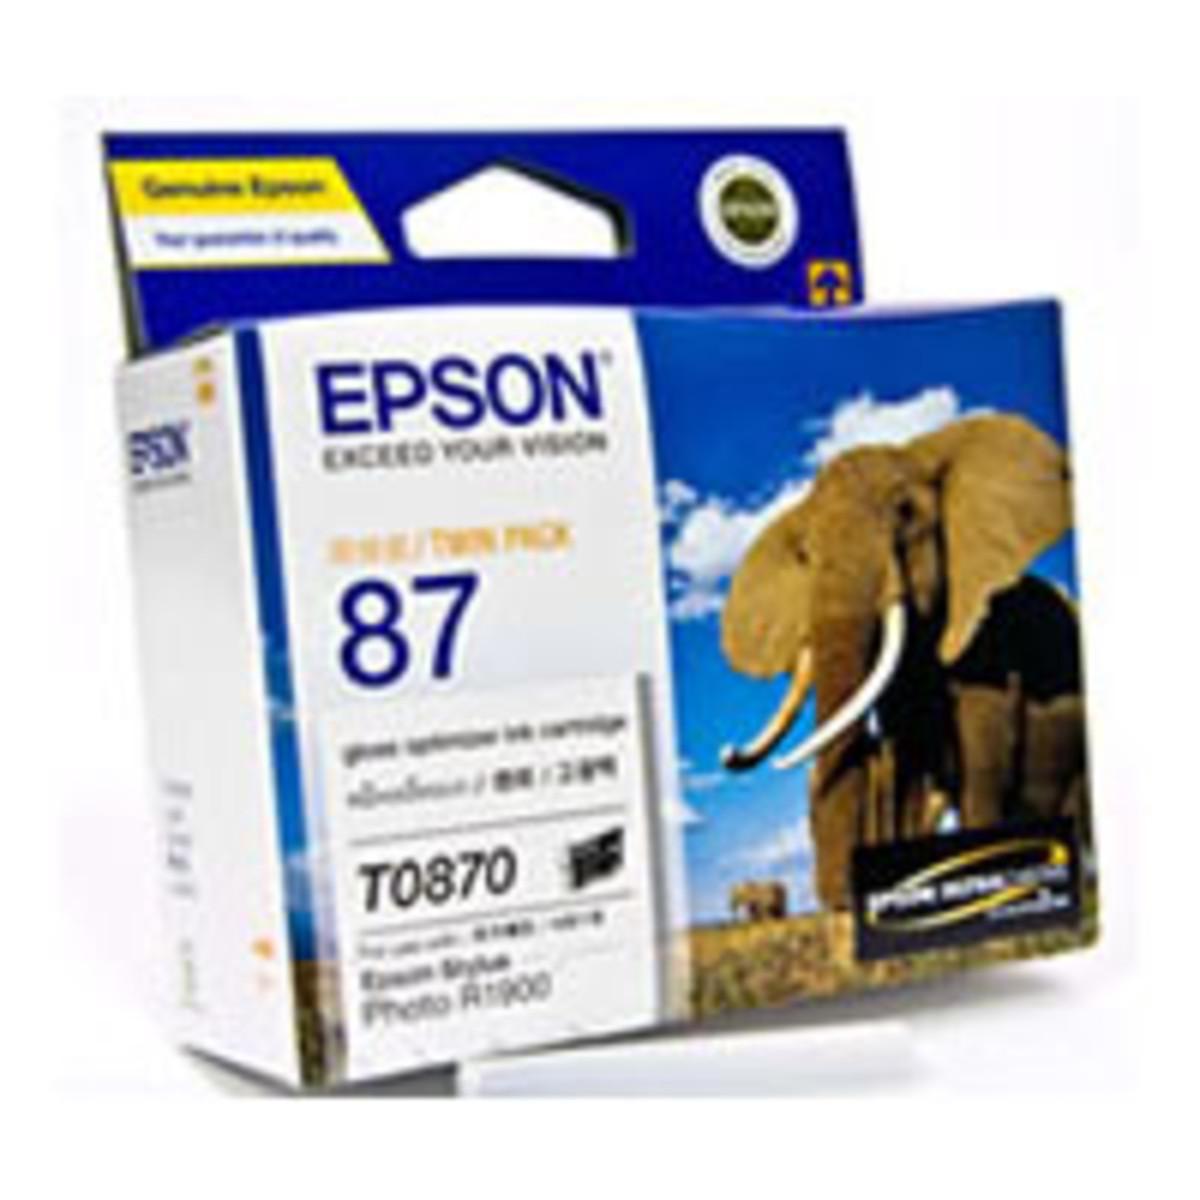 Epson 49 Gloss Optimiser Ink Cartridge